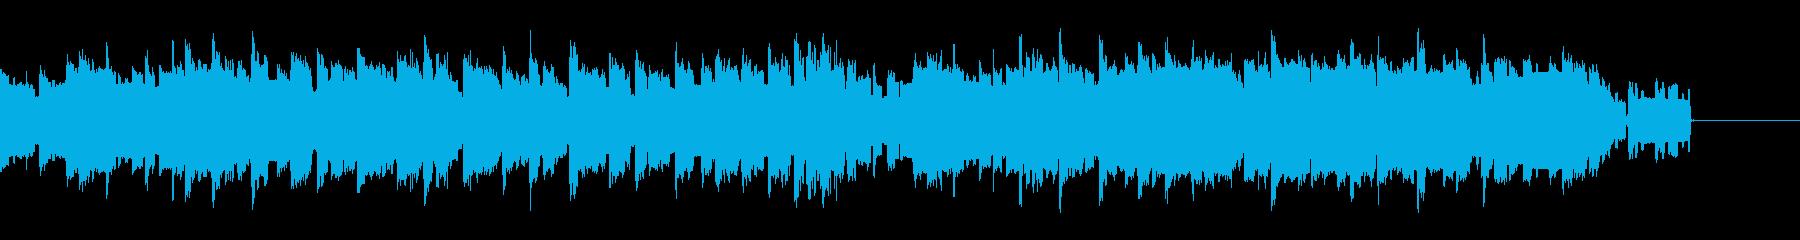 ファミコン風BGMの再生済みの波形